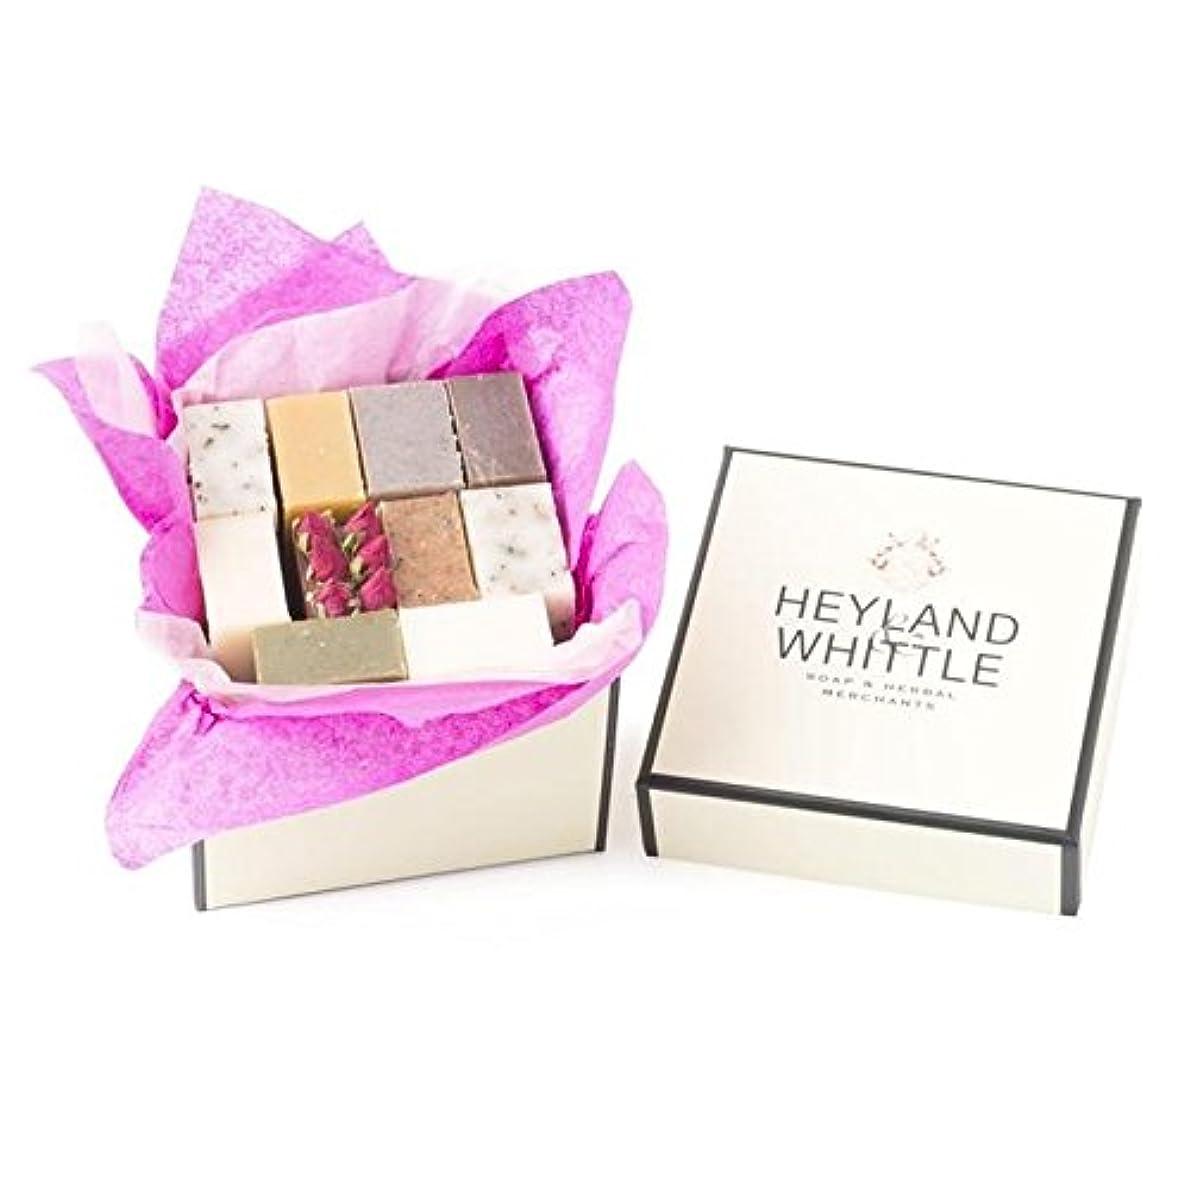 ヨーロッパ見つけた無駄だ小さな&削るソープギフトボックス、 x4 - Heyland & Whittle Soap Gift Box, Small (Pack of 4) [並行輸入品]